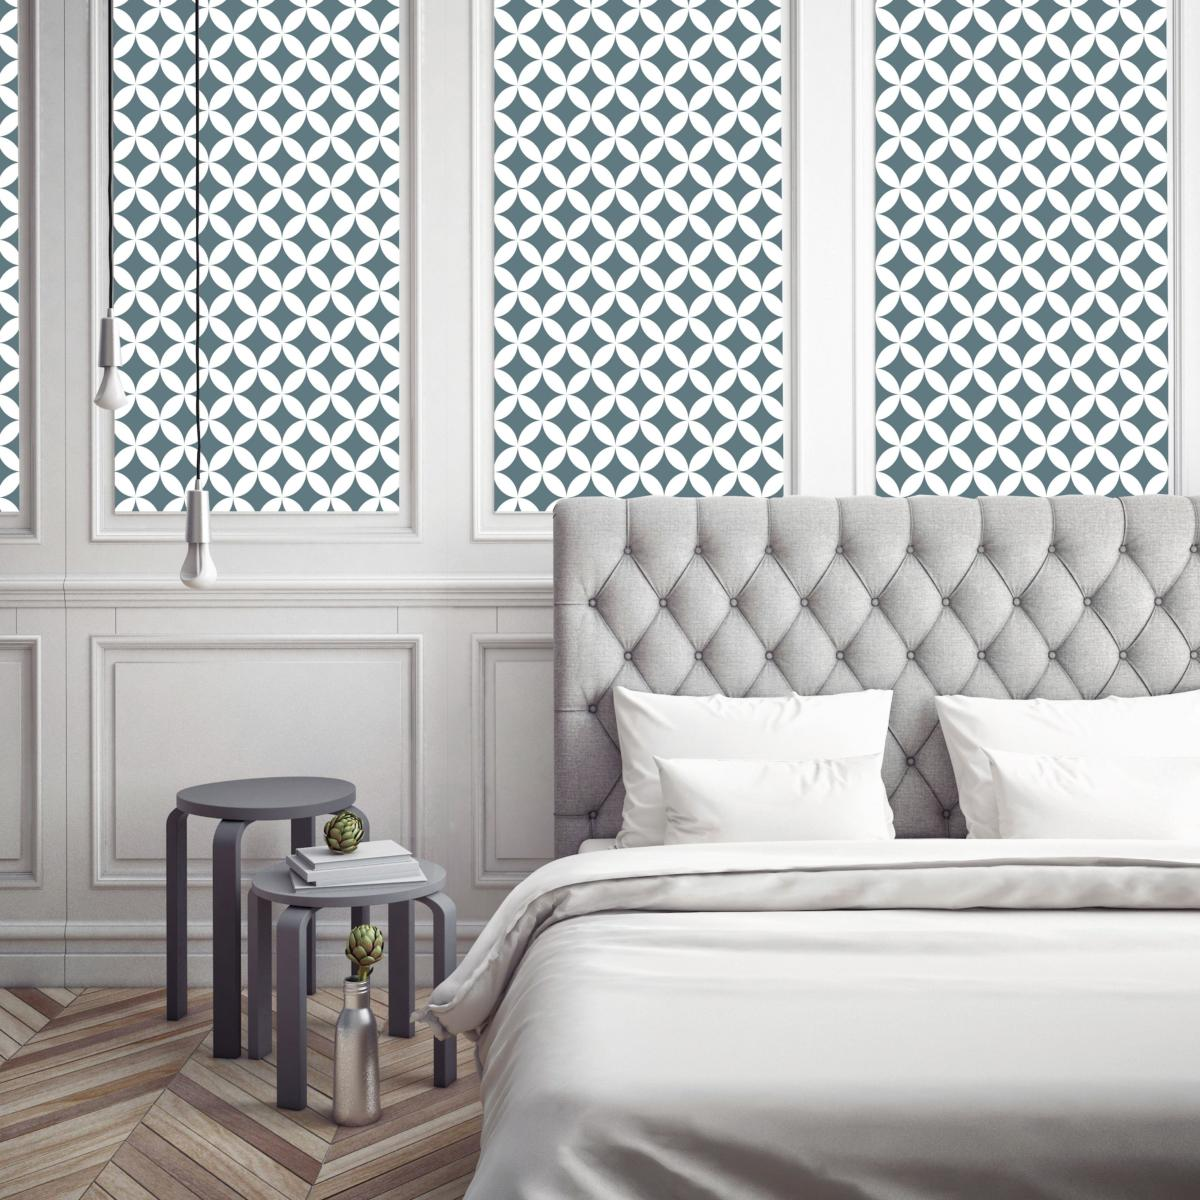 papier peint carreaux de ciment louison bleu gris l. Black Bedroom Furniture Sets. Home Design Ideas